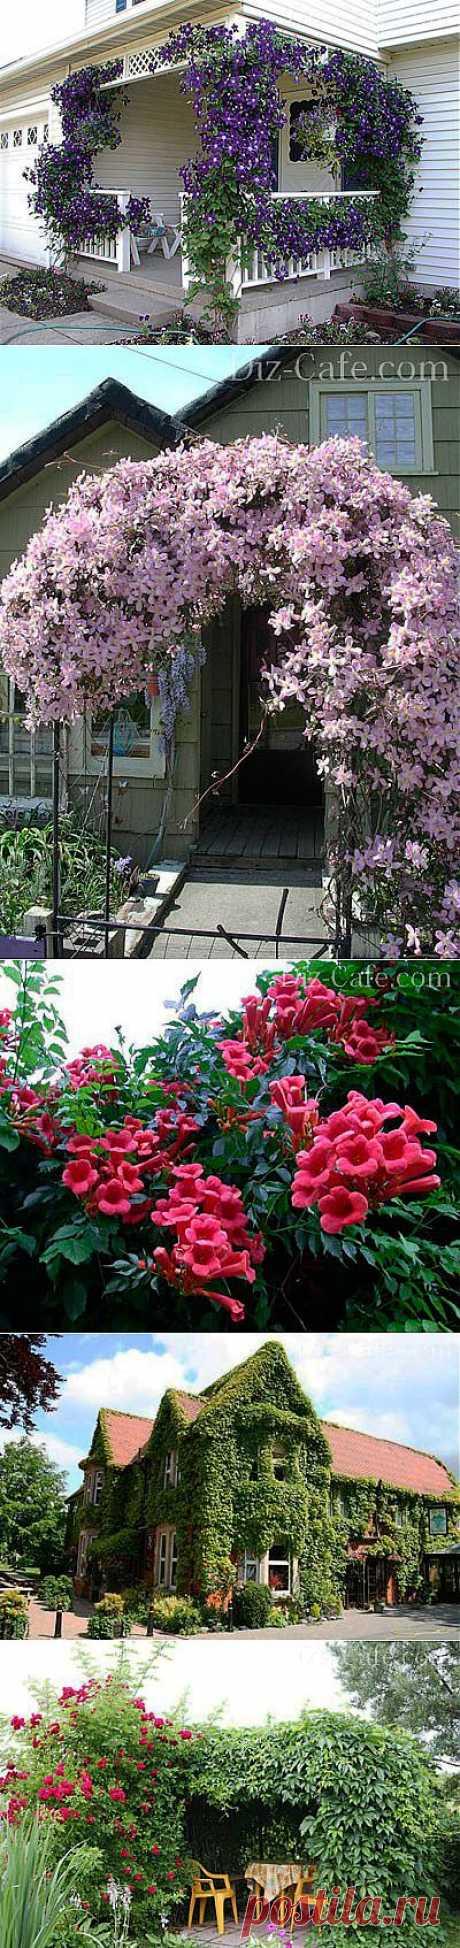 Декоративные лианы для сада - многолетние и однолетние варианты